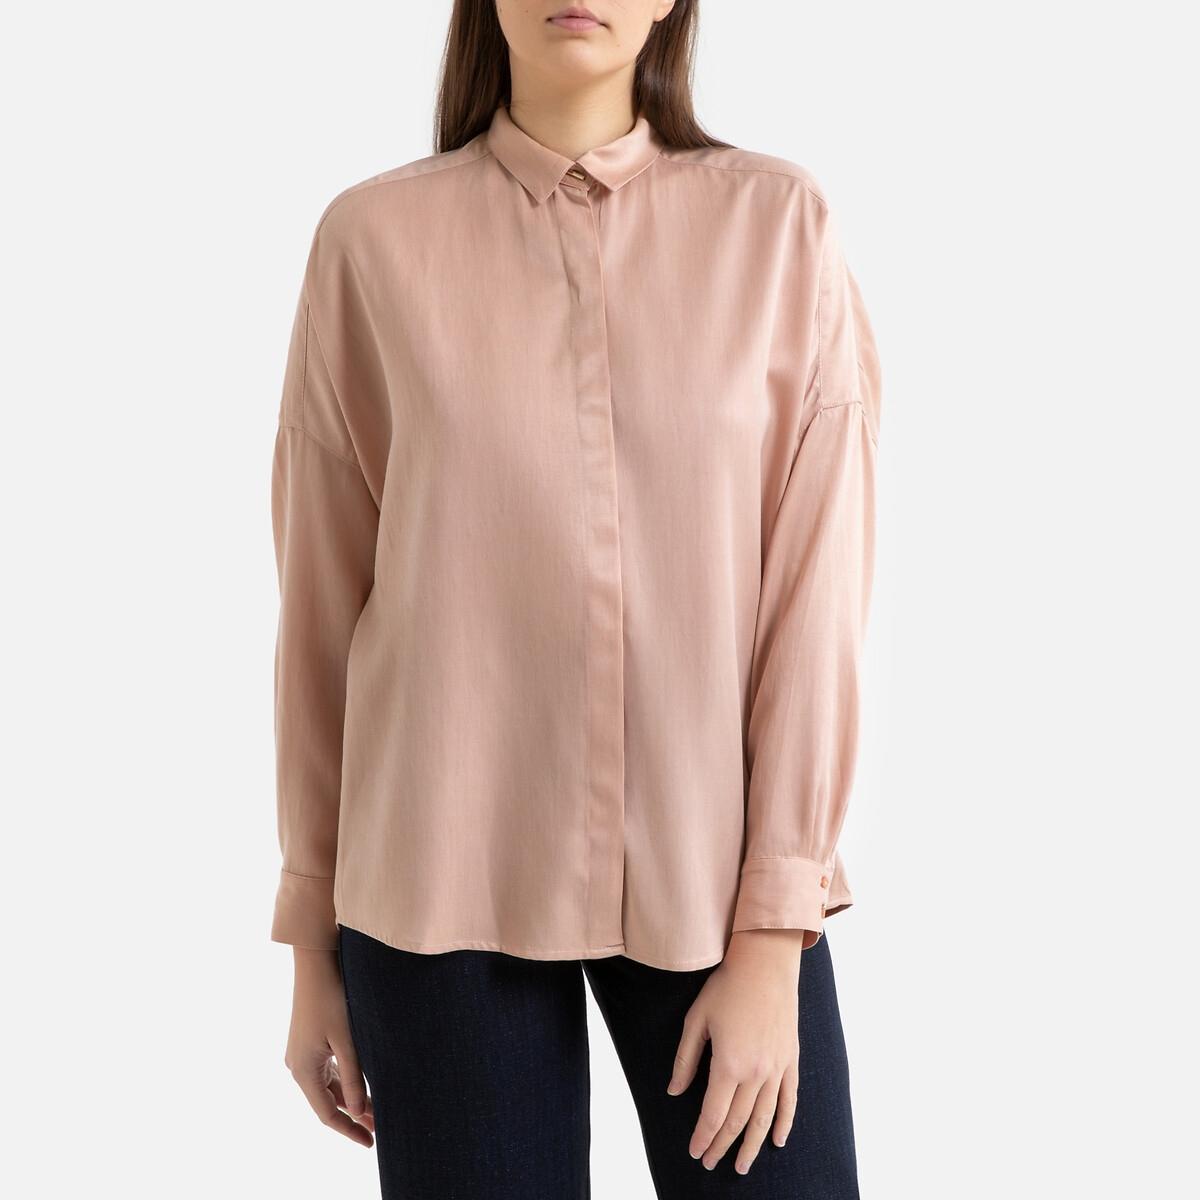 Блузка La Redoute Струящаяся с длинными рукавами LADY D M розовый цена 2017